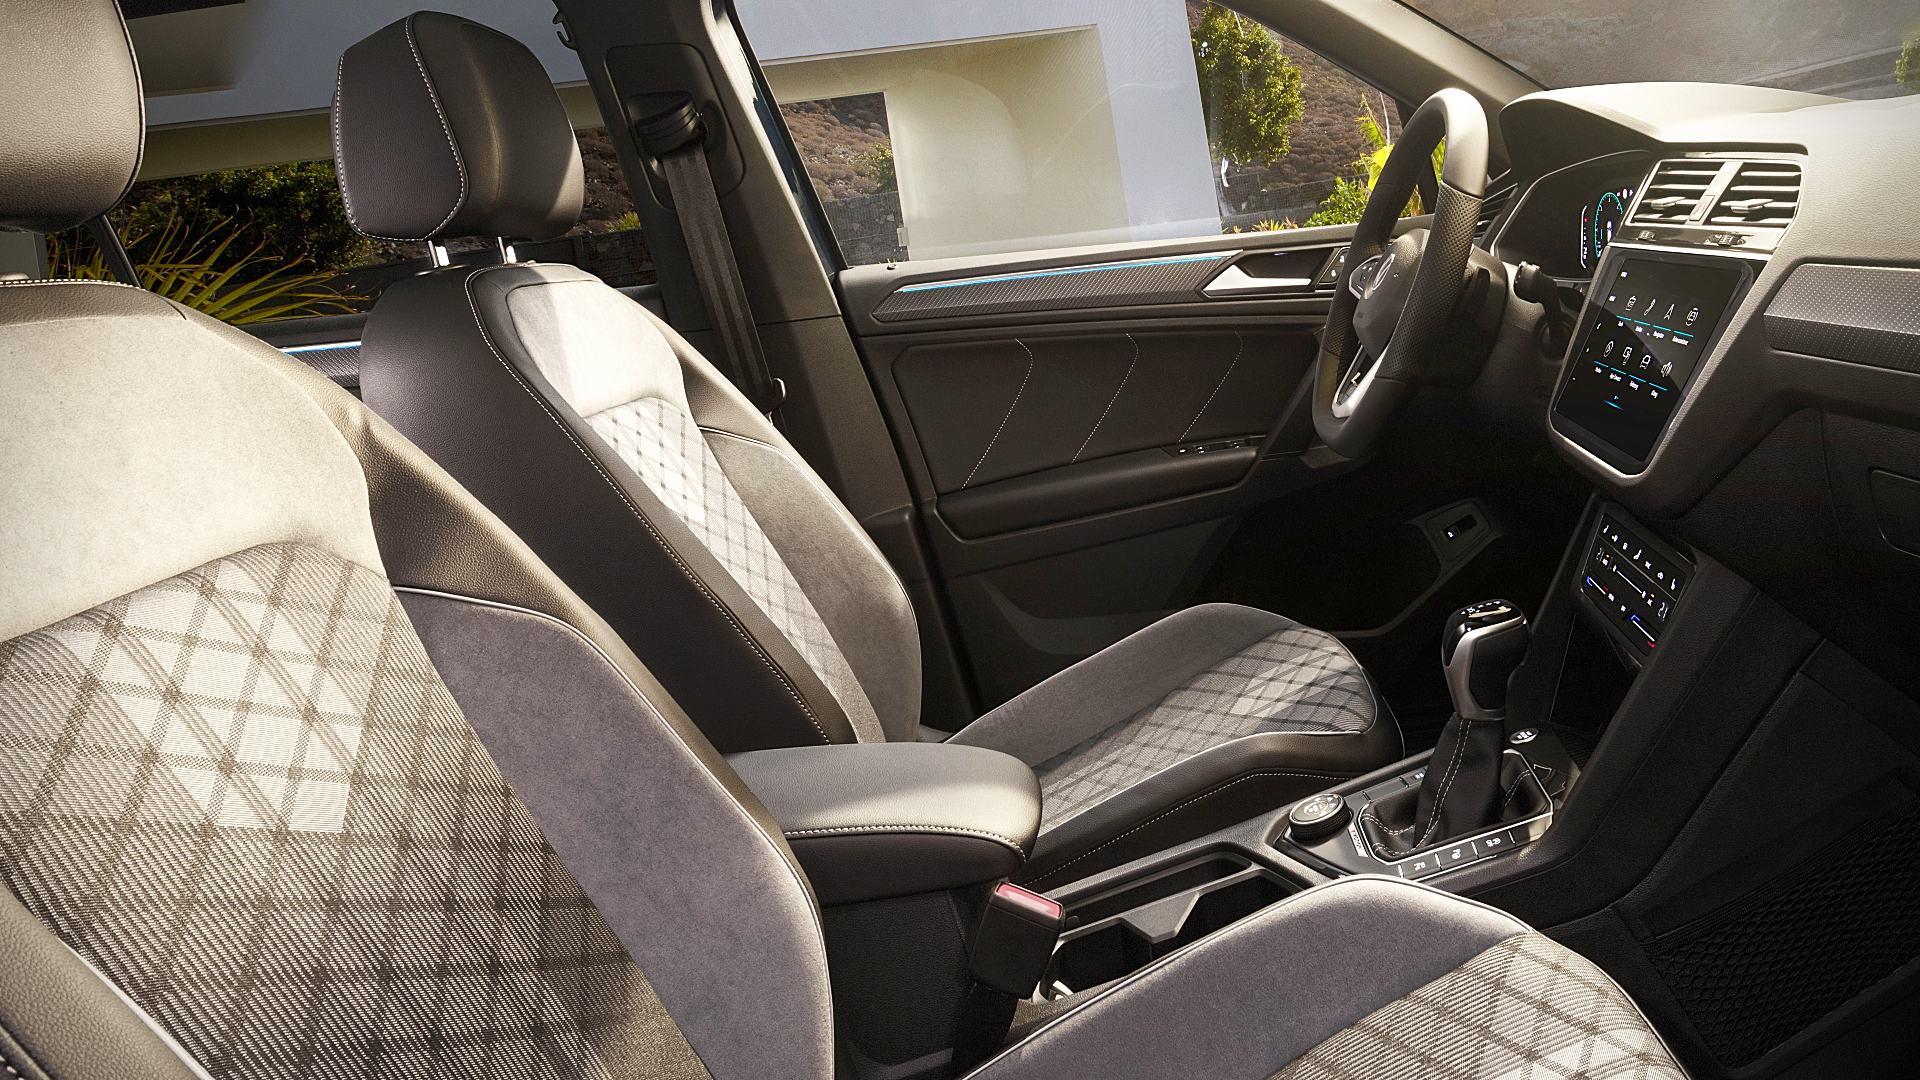 2021 Volkswagen Tiguan Interior Images